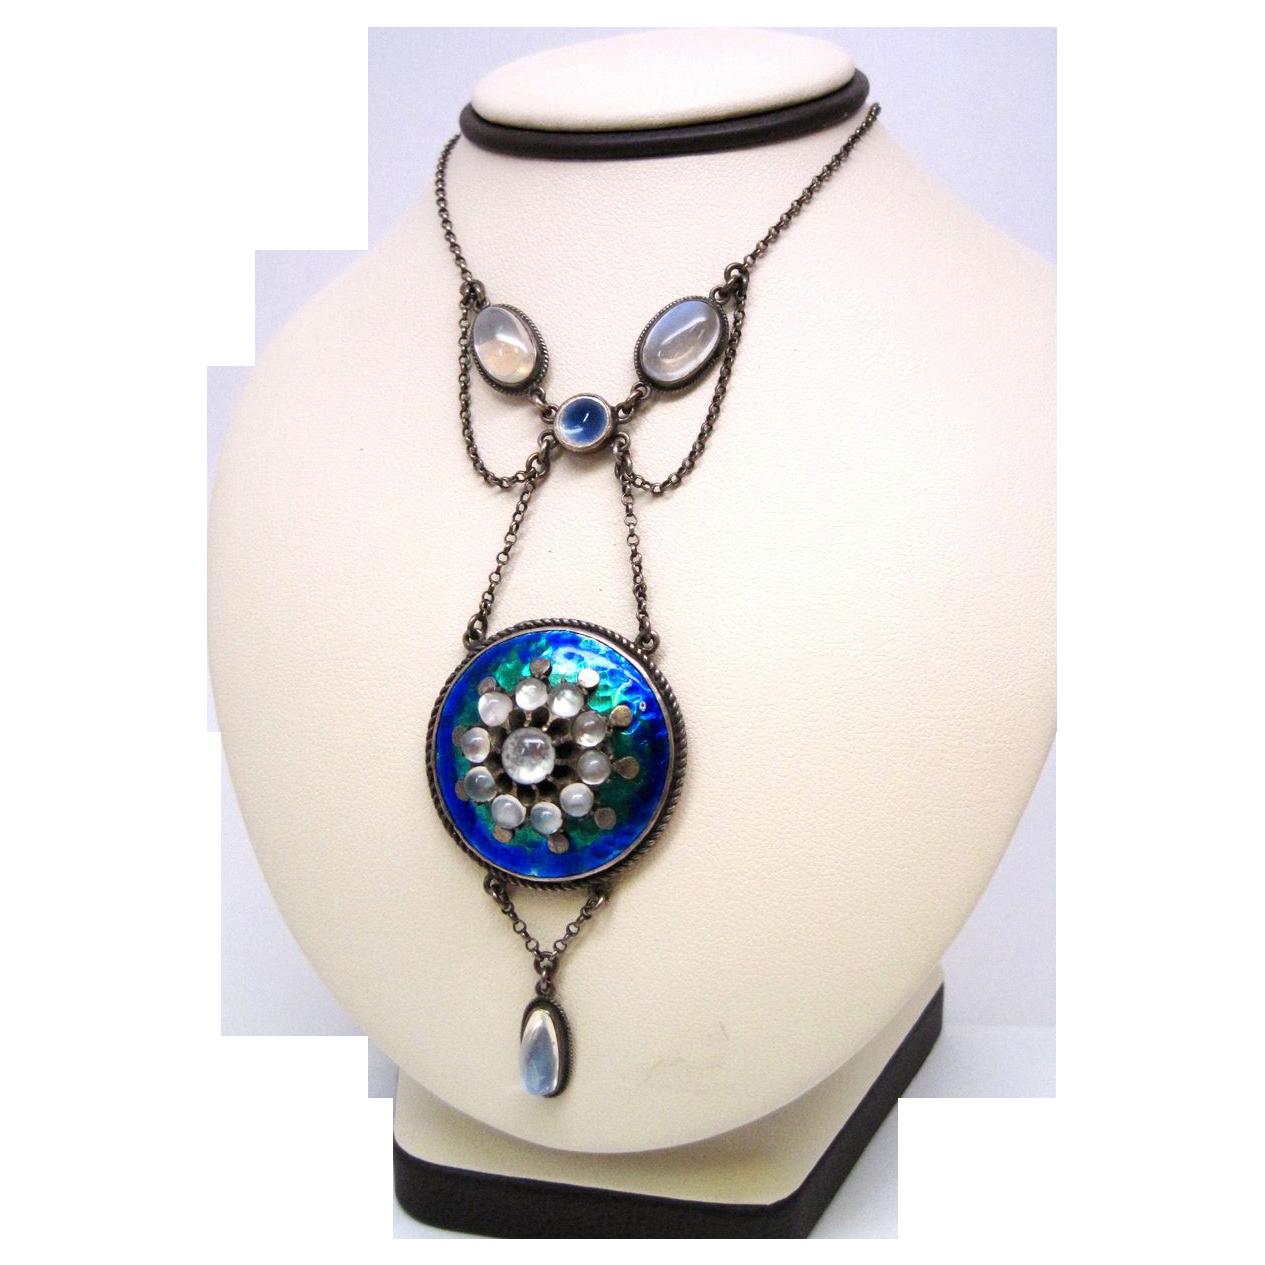 Arts & Crafts Handmade Moonstone Multi-color Enamel Necklace